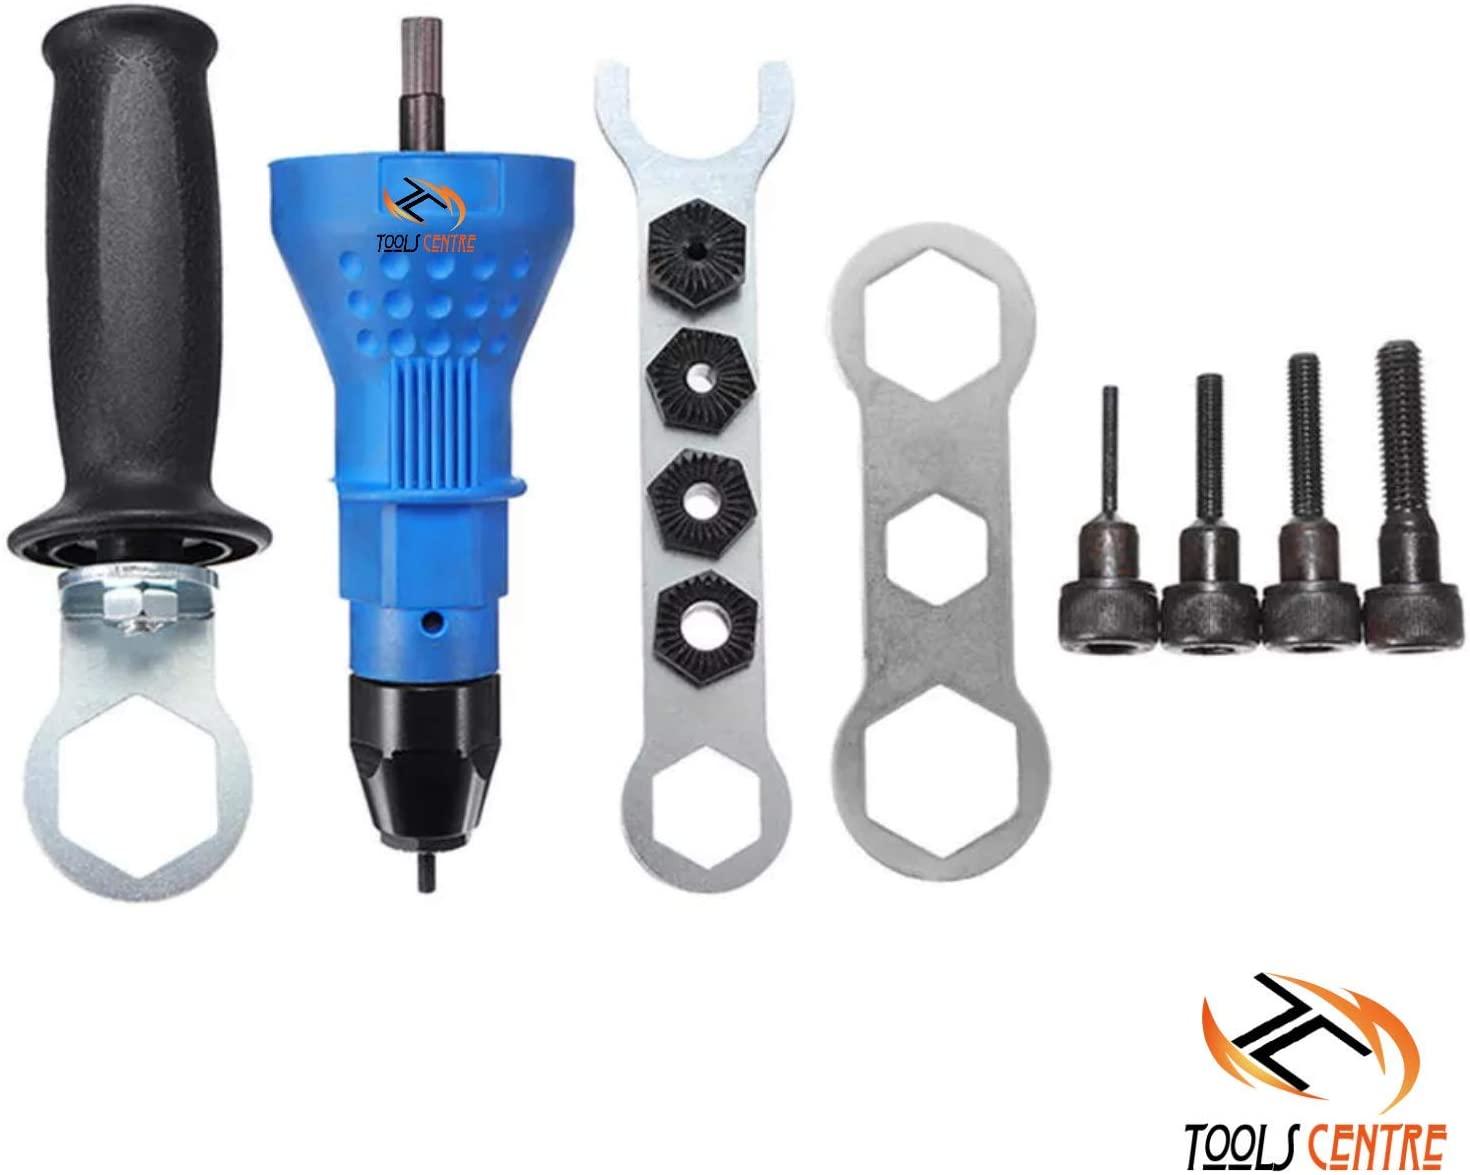 Tools Centre Hex Shank Riveter Nut Drill Adaptor Attachment Insert Riveter Riveting